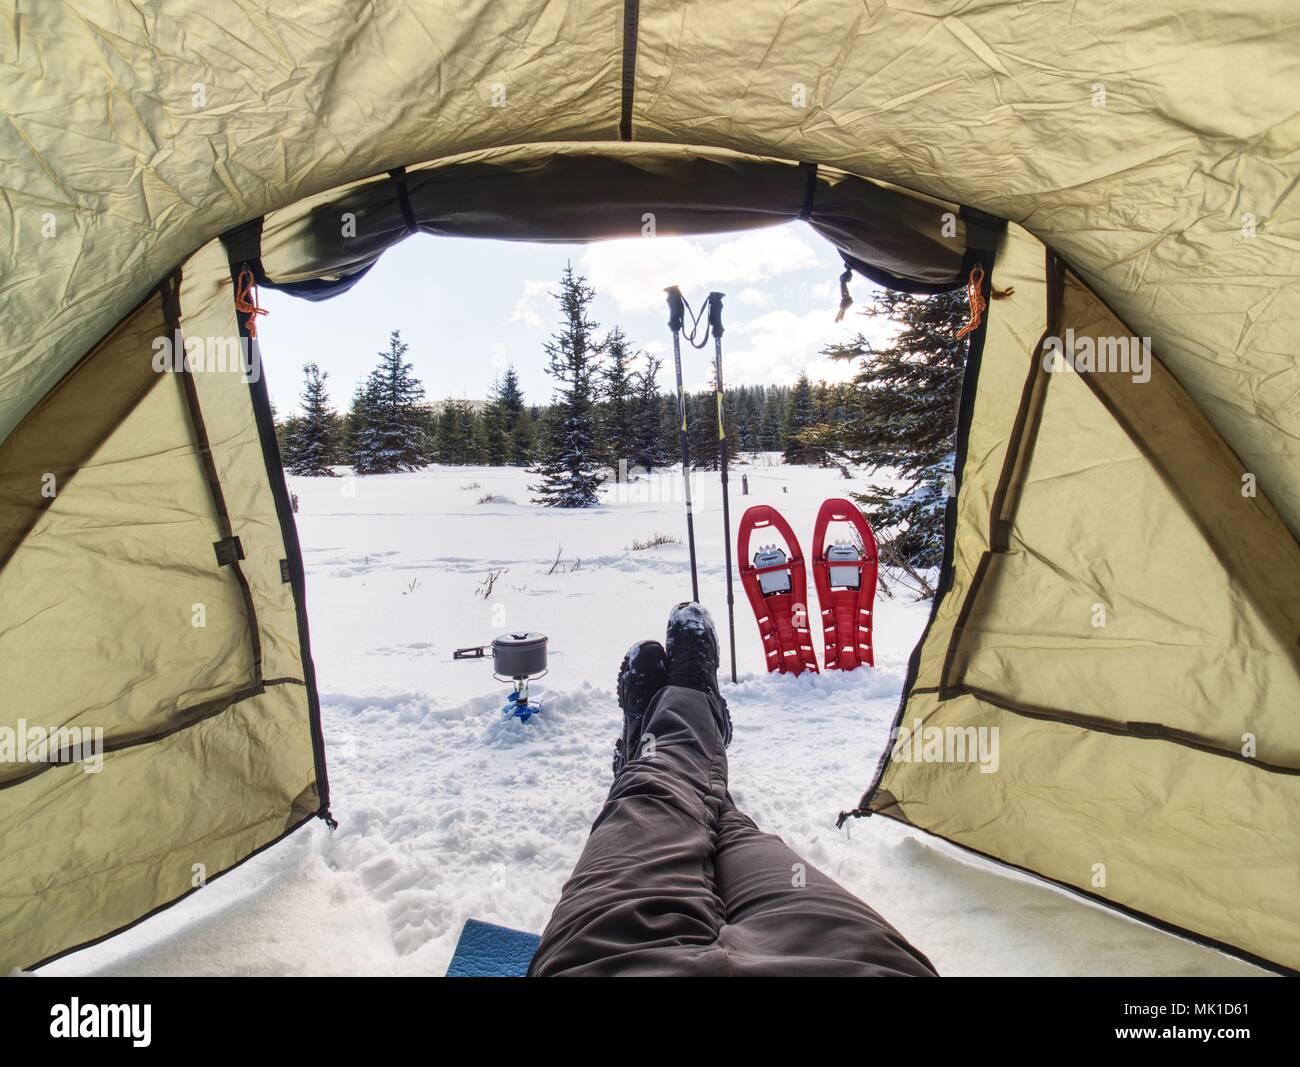 Cocinar en frente de la carpa en la nieve. Caminante camping en montañas en invierno. Hombre cocinar alimentos con cocina de gas portátil y platos ligeros. Una estufa de gas ardiente Imagen De Stock